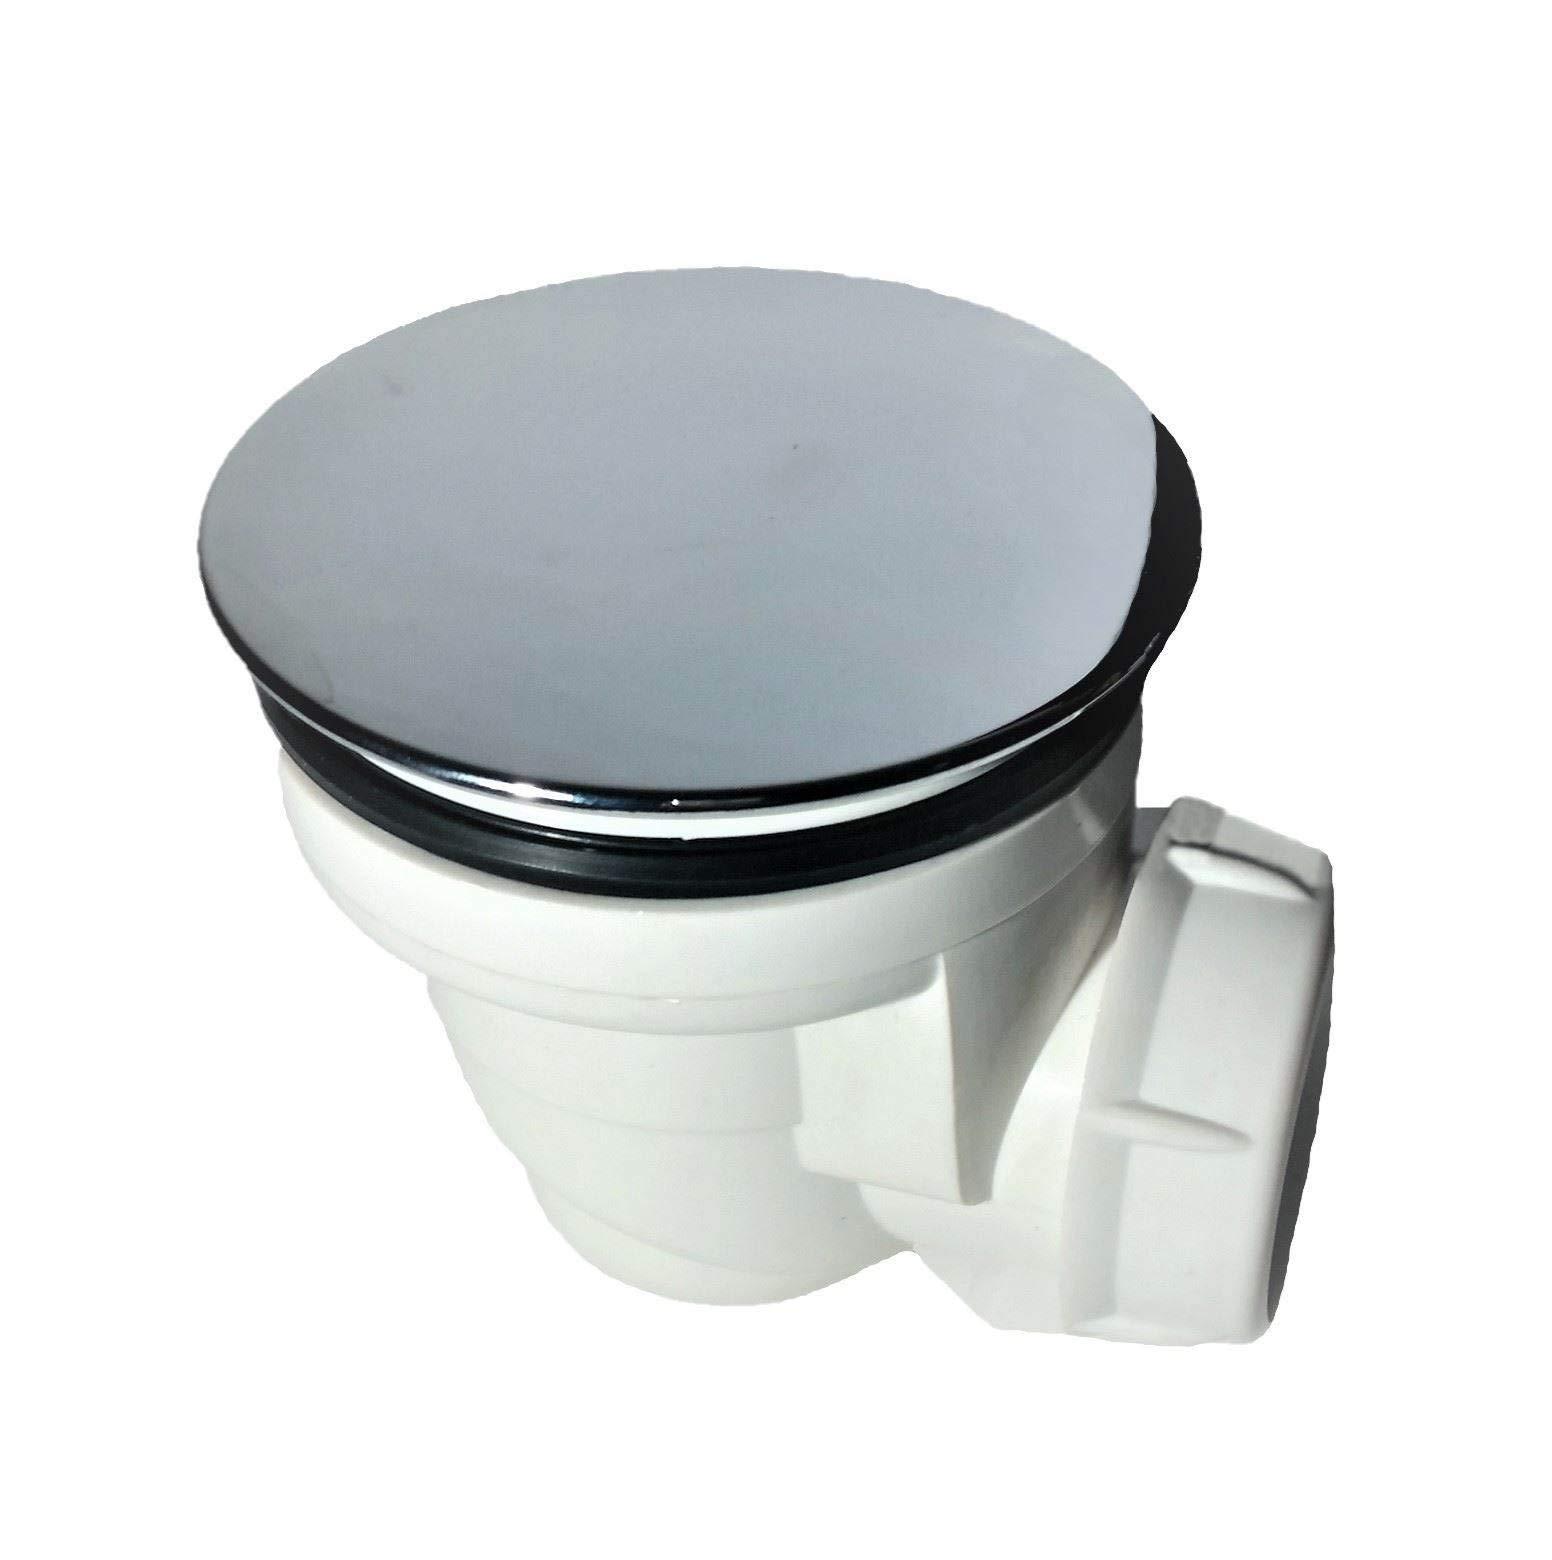 Válvula de desagüe con tapa cromada para platos de ducha de 60 mm ...